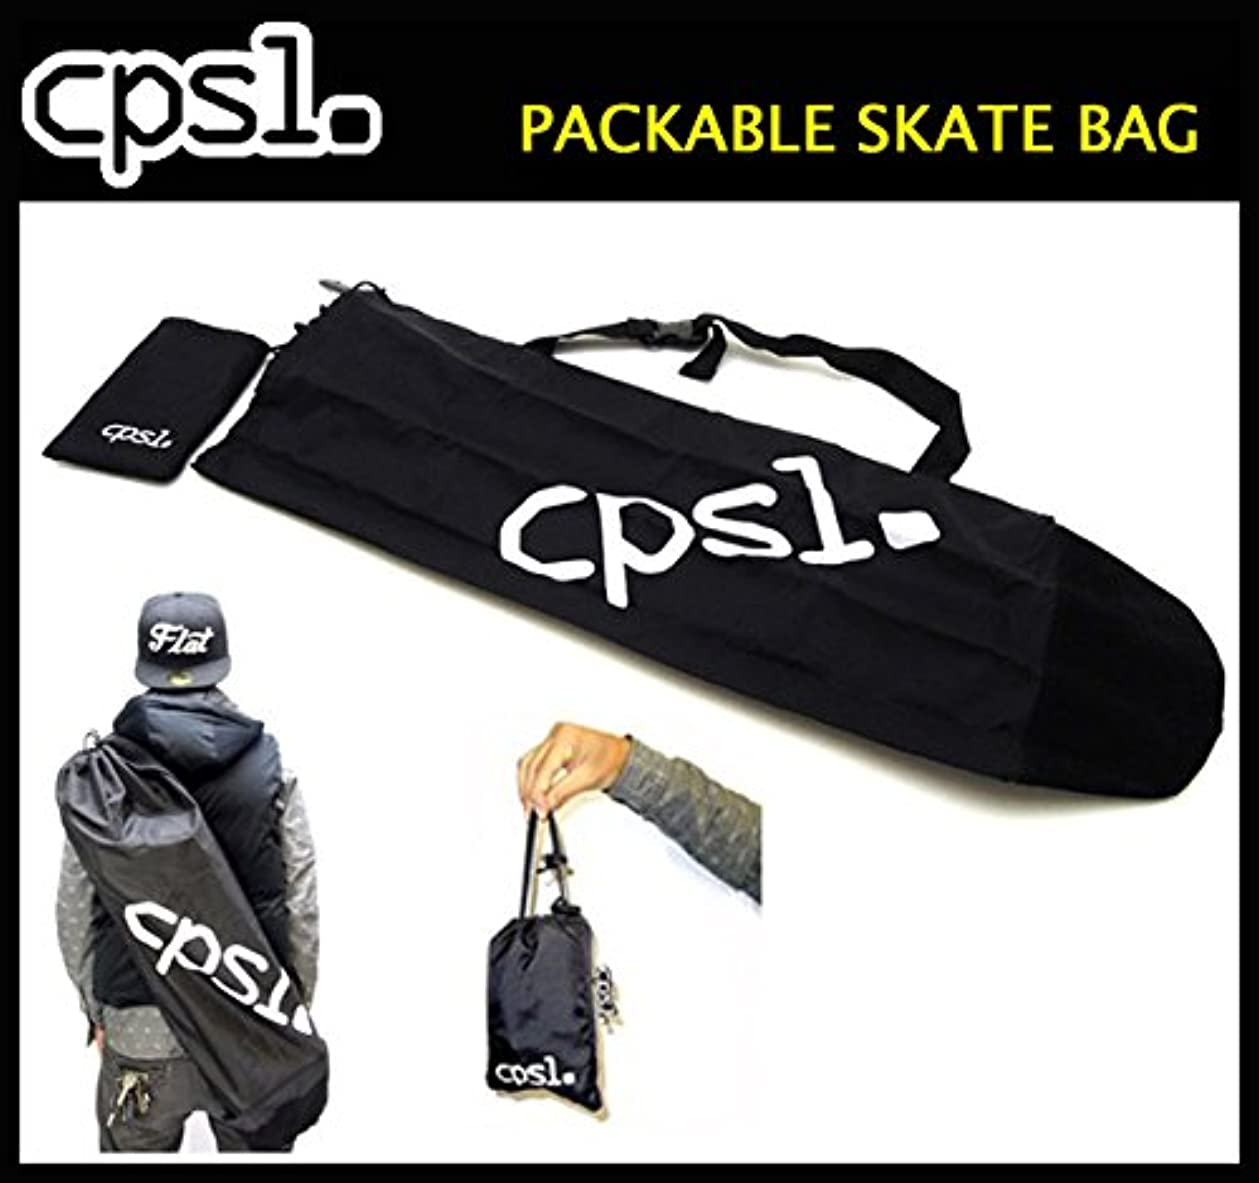 エミュレートするゆり召集する【C.P.S.L. PACKABLE SKATE BAG】カプセル スケートボードバック パッカブル スケートボードケース